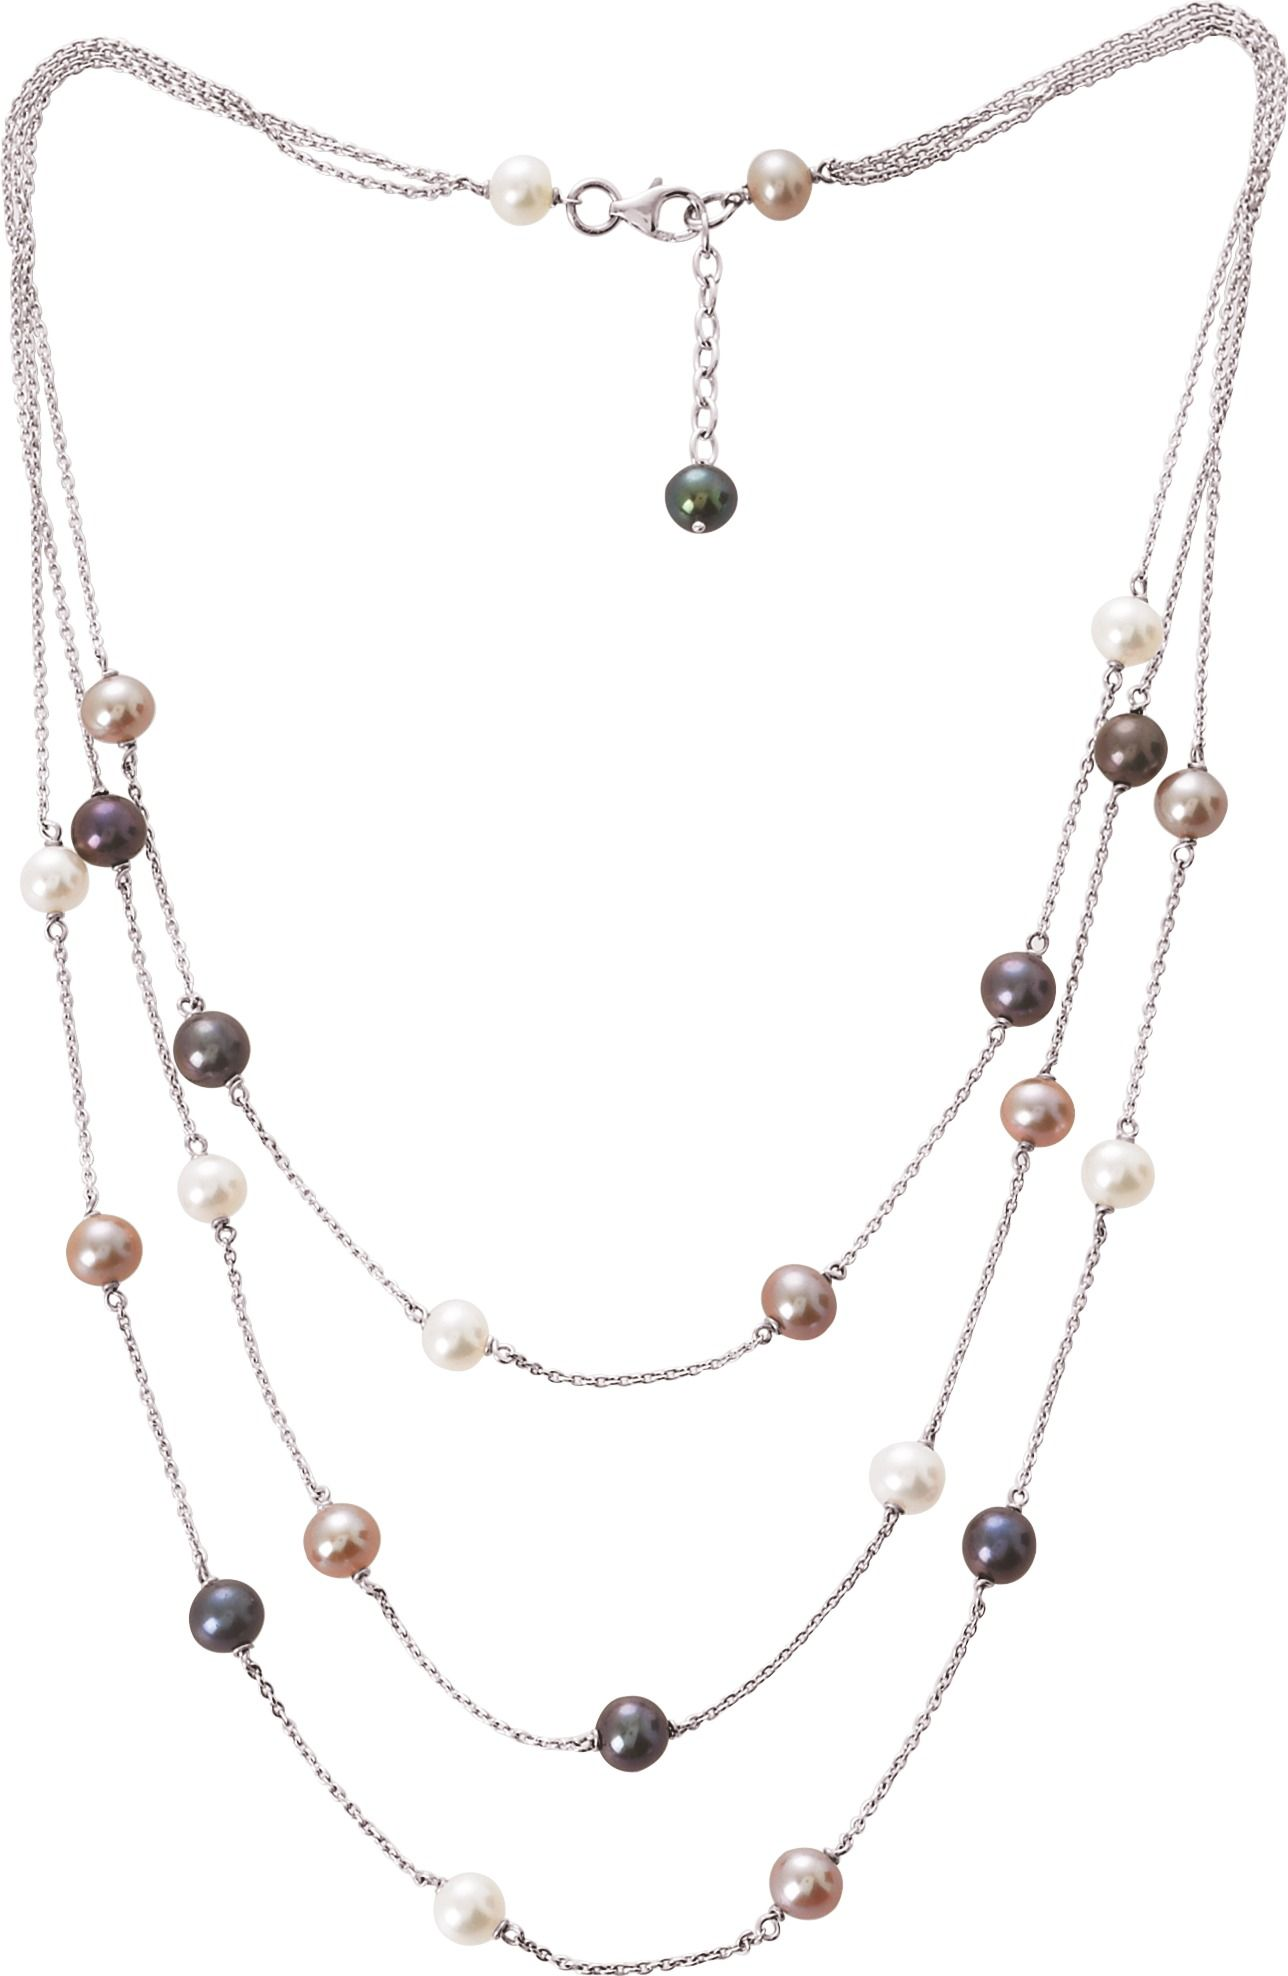 Collier Argent Rhodie Avec Perles De Cultures D Eau Douce 6 Mm